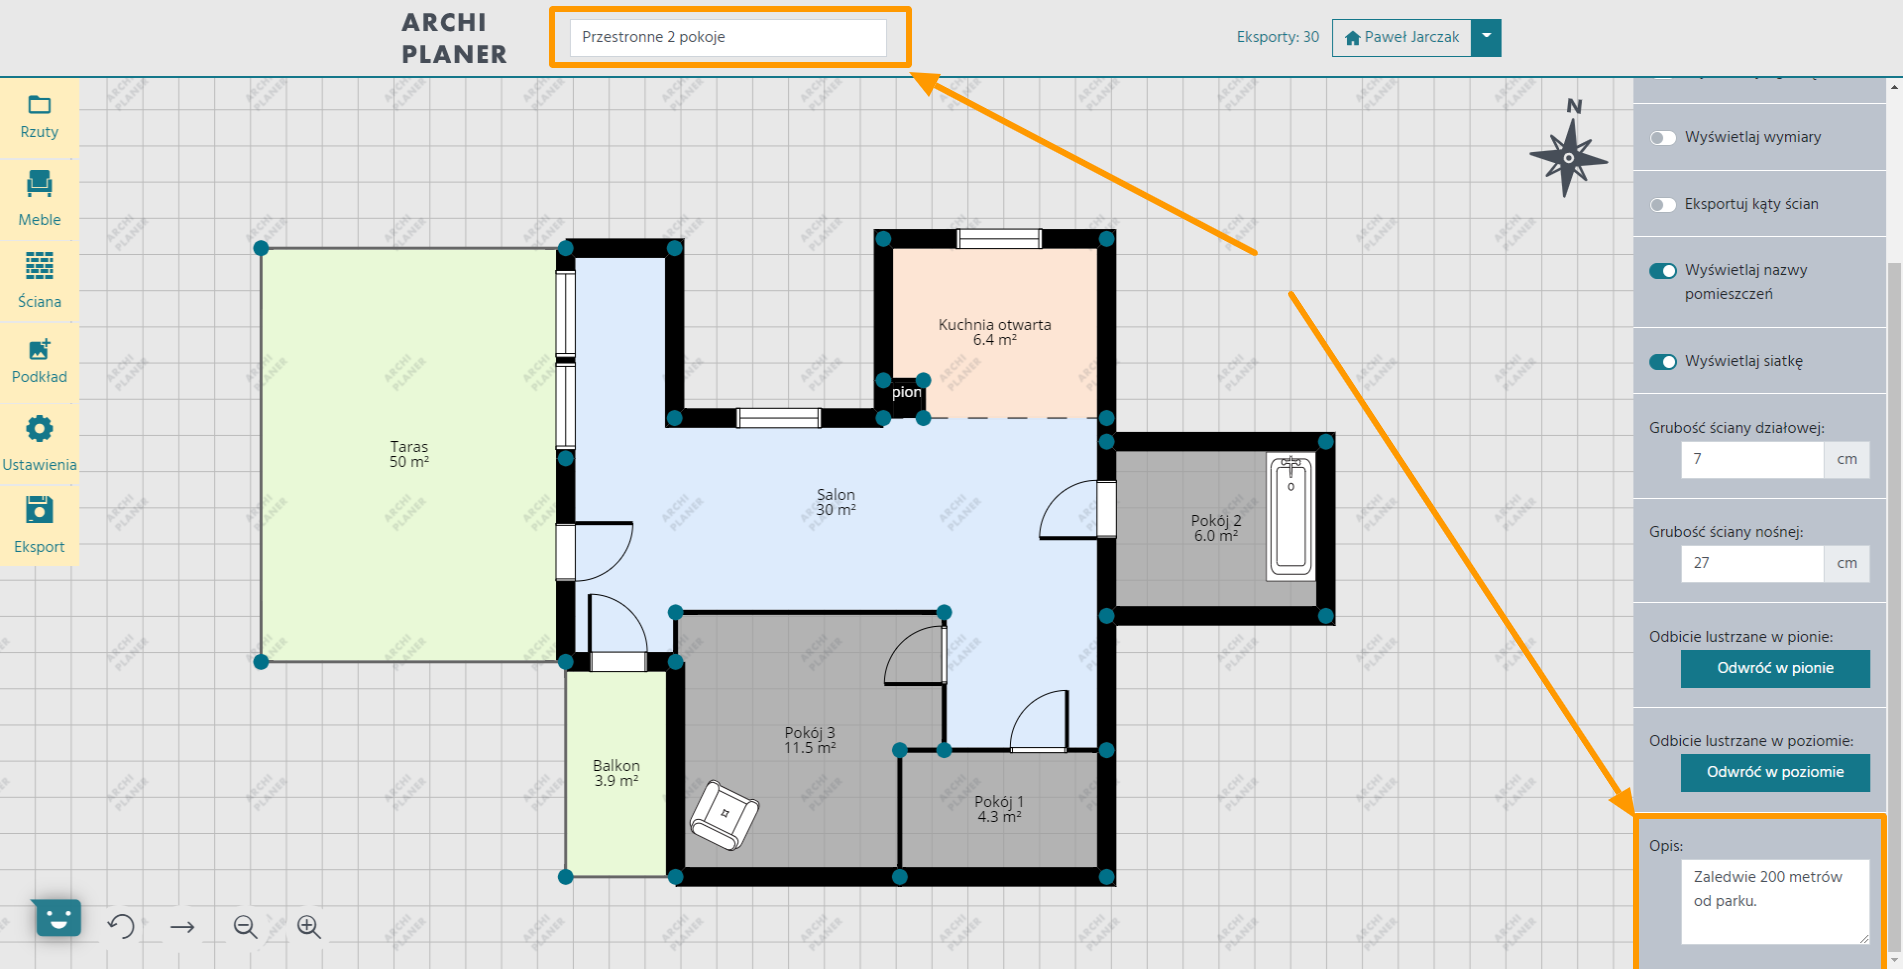 opisujemy rzut mieszkania dostępny na portale nieruchomości